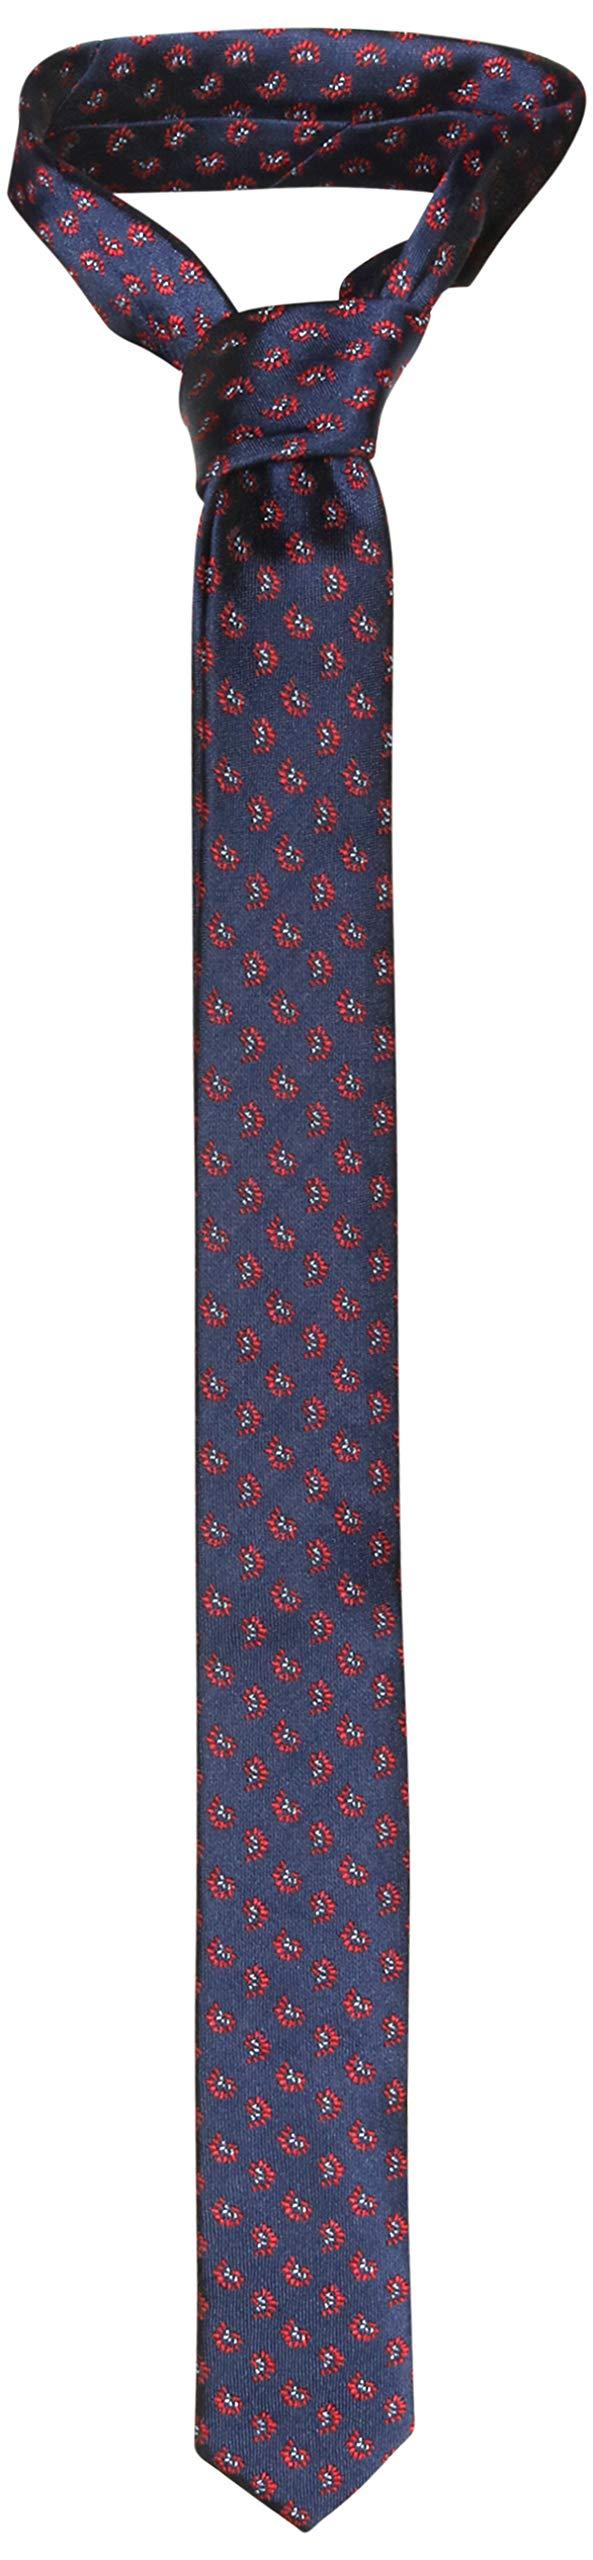 Ben Sherman Boys Long Sleeve Shirt Tie Set, White Plaid, Size 5' by Ben Sherman (Image #4)